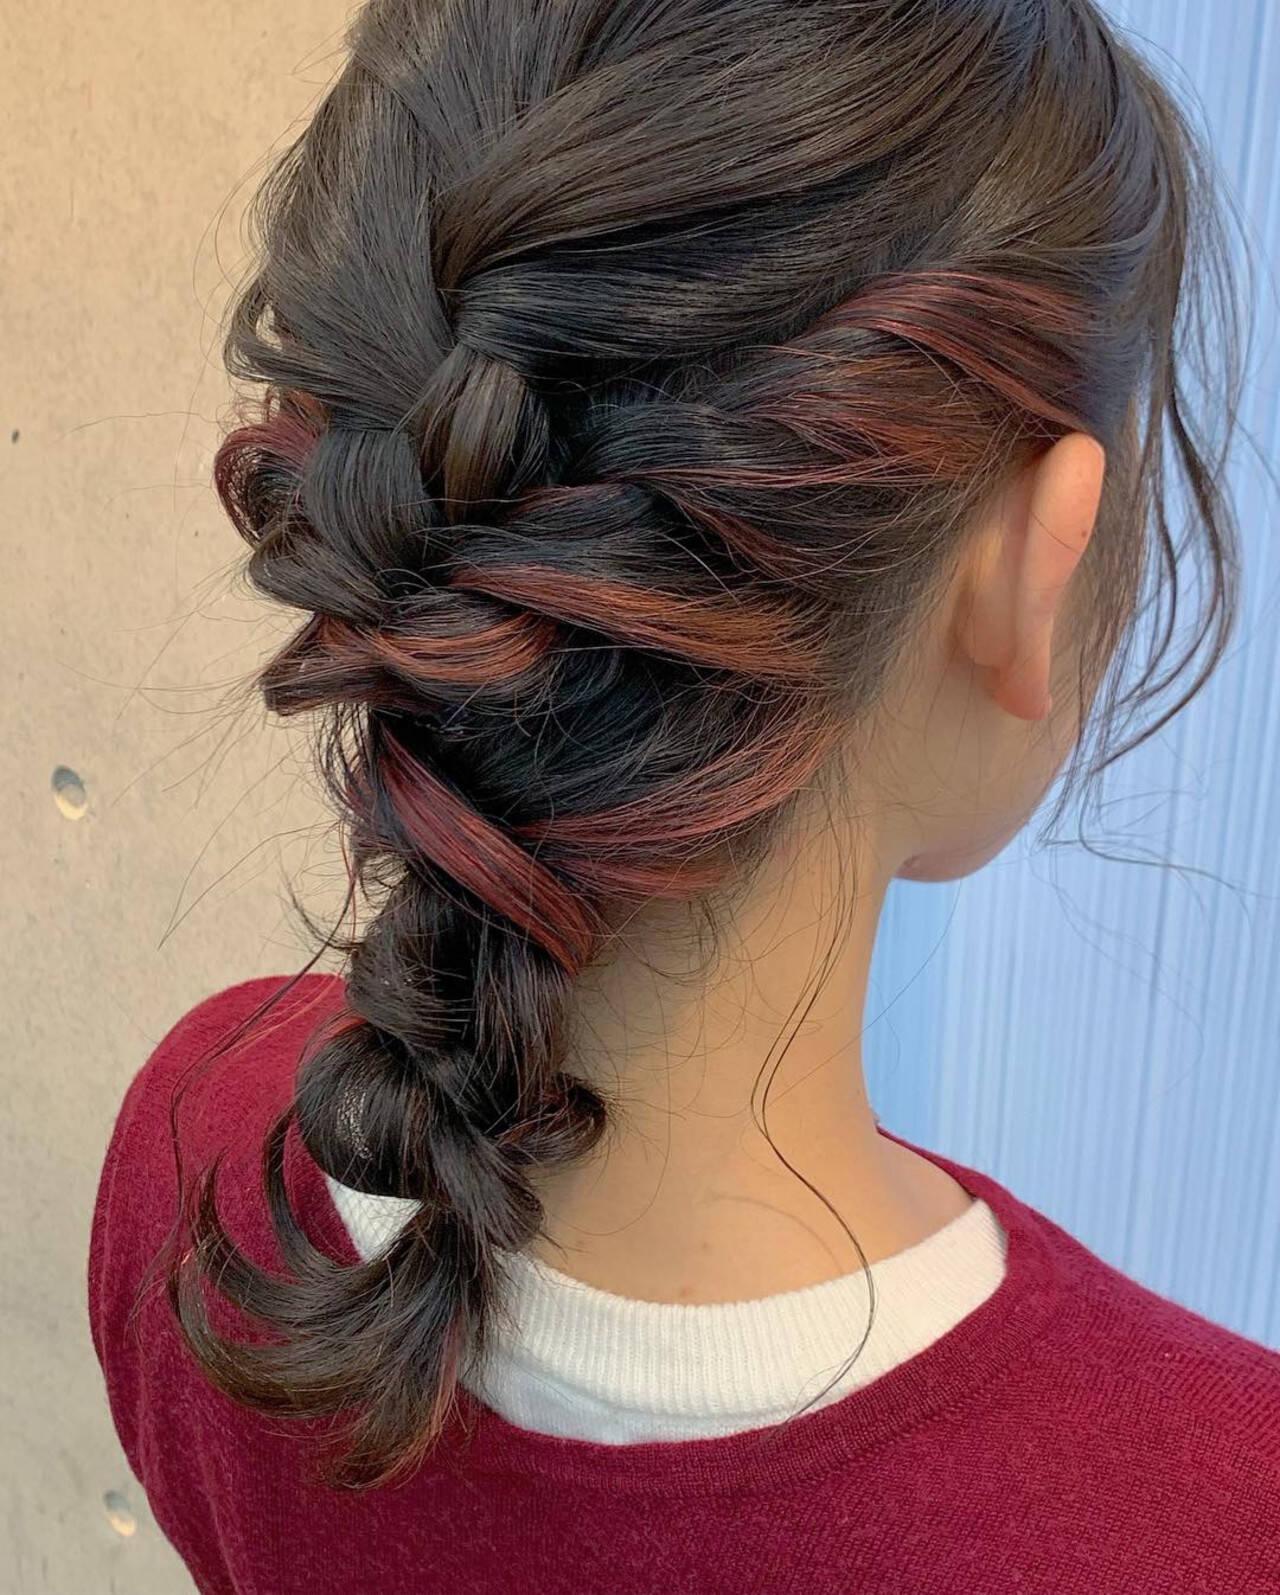 インナーカラー ヘアアレンジ セミロング ダブルカラーヘアスタイルや髪型の写真・画像